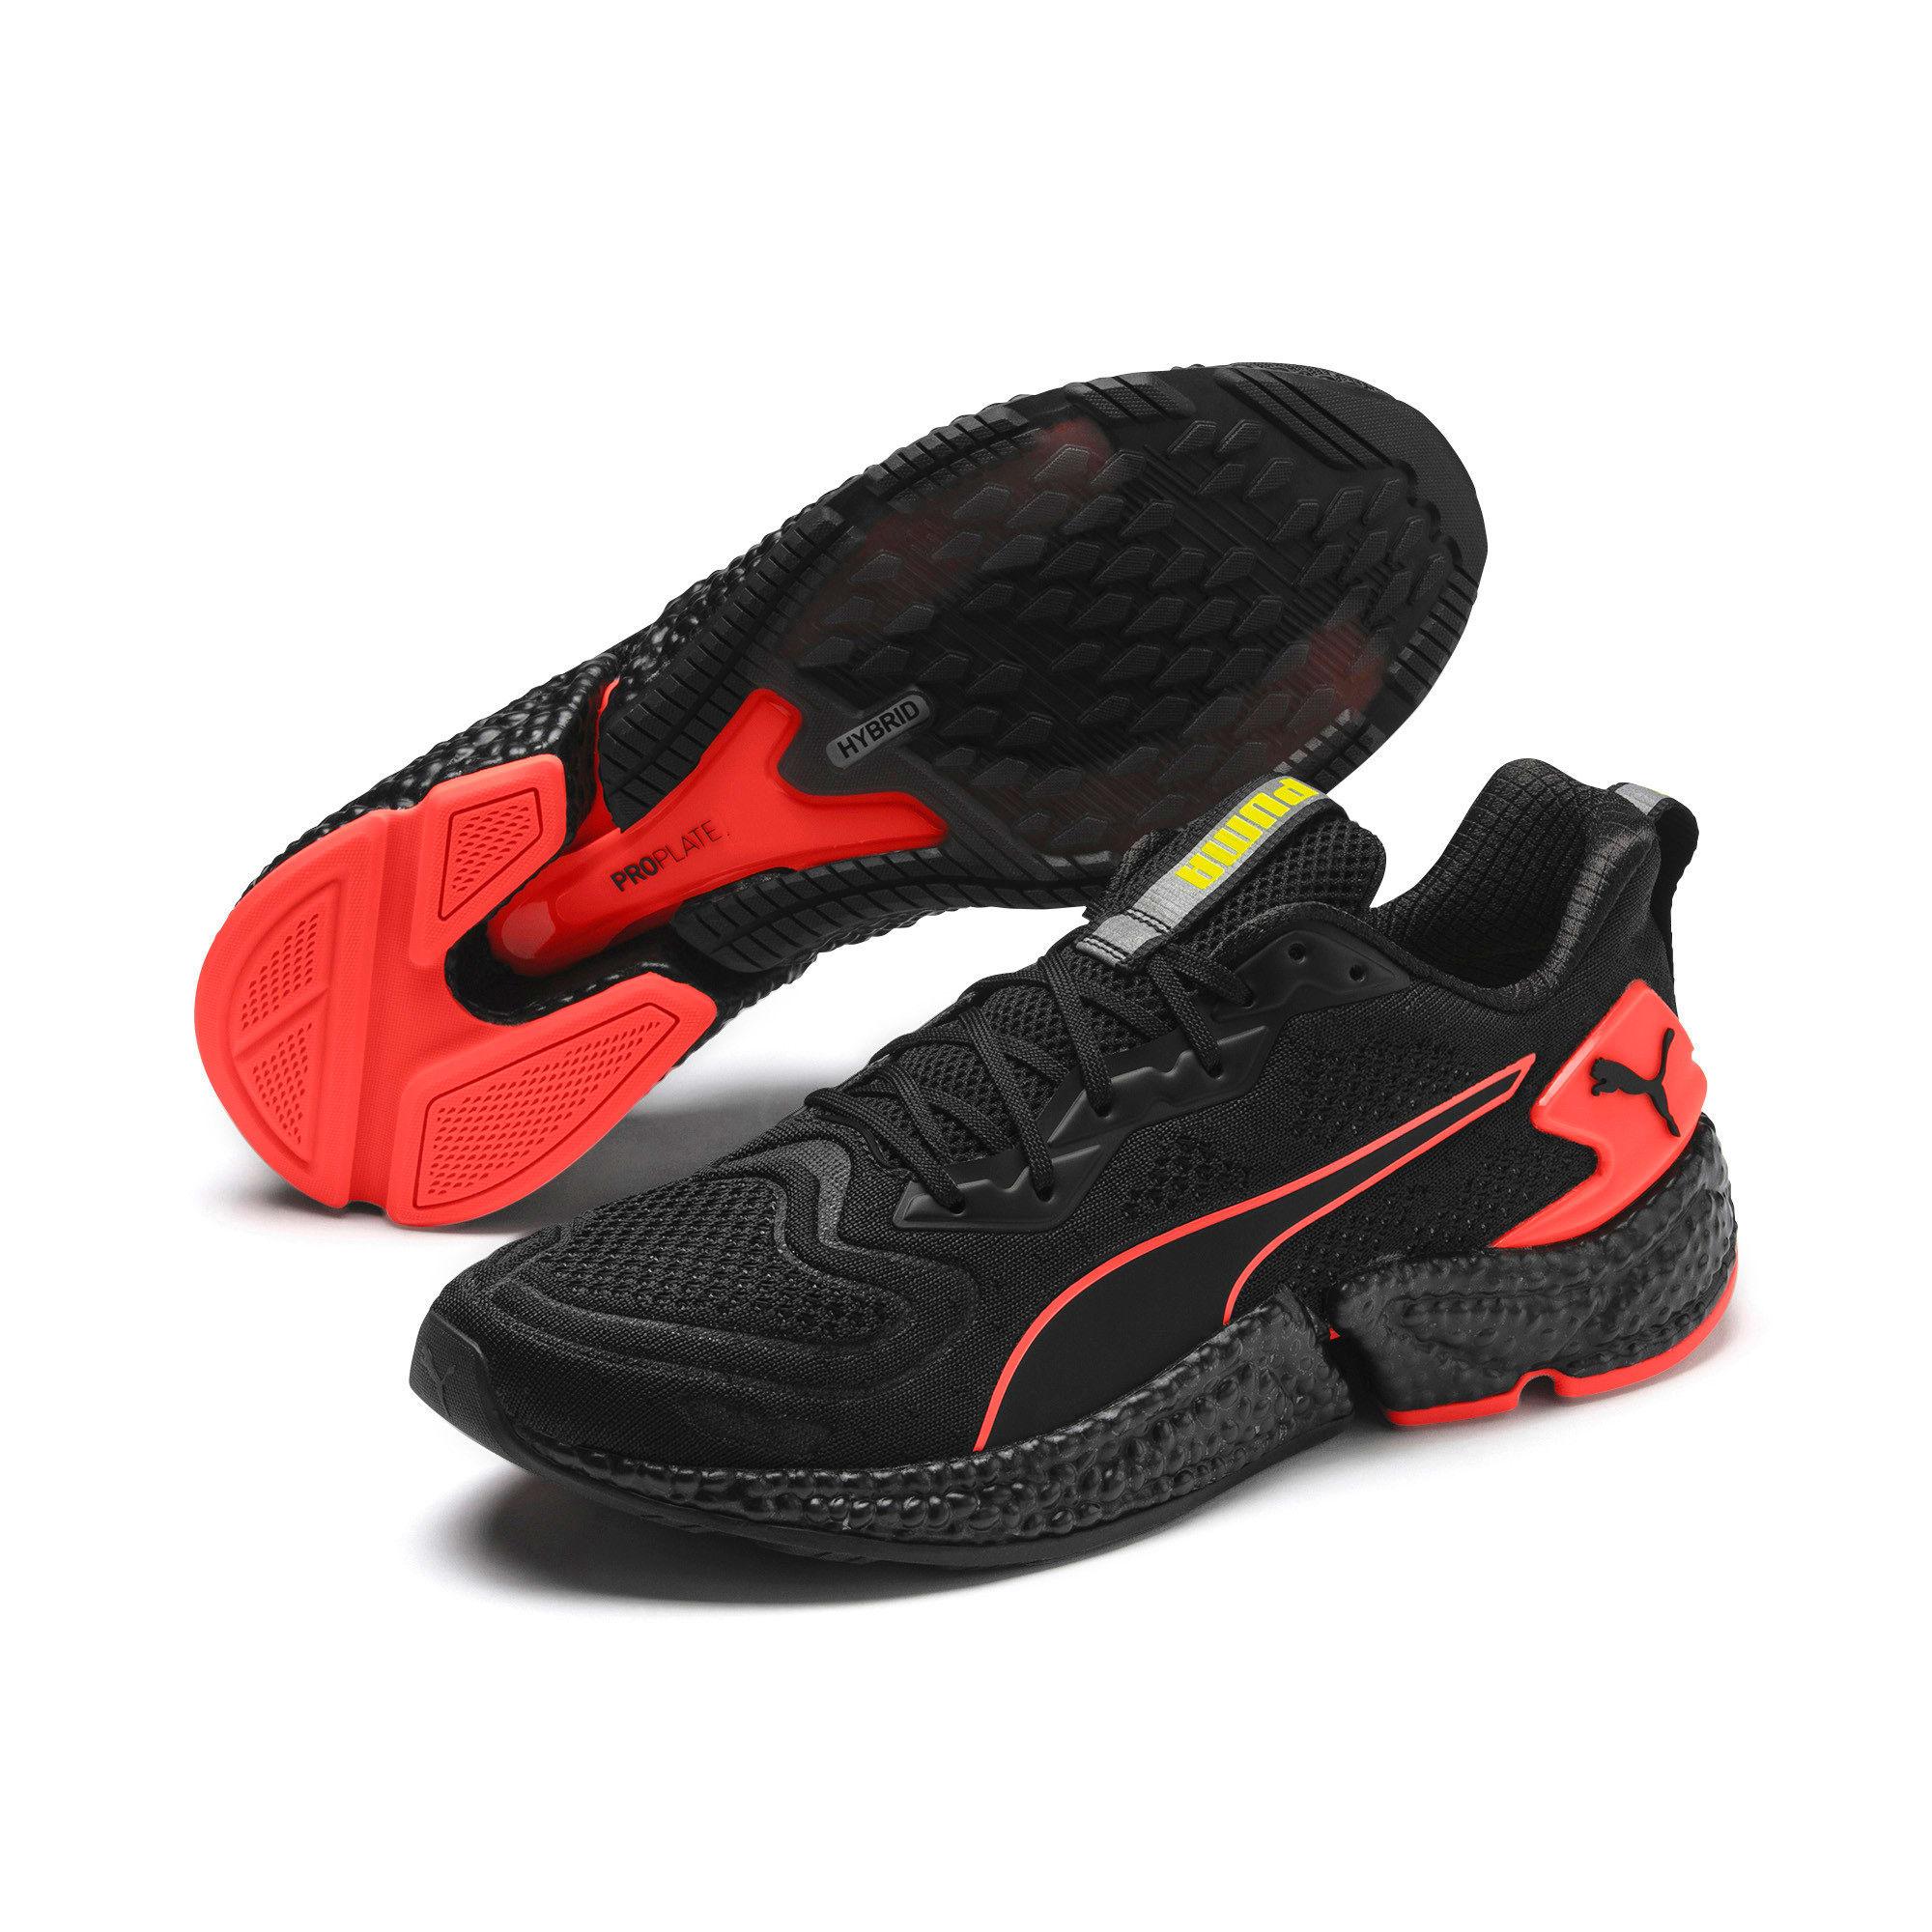 Thumbnail 3 of HYBRID SPEED Orbiter Men's Running Shoes, Black-Nrgy Red-Yellow, medium